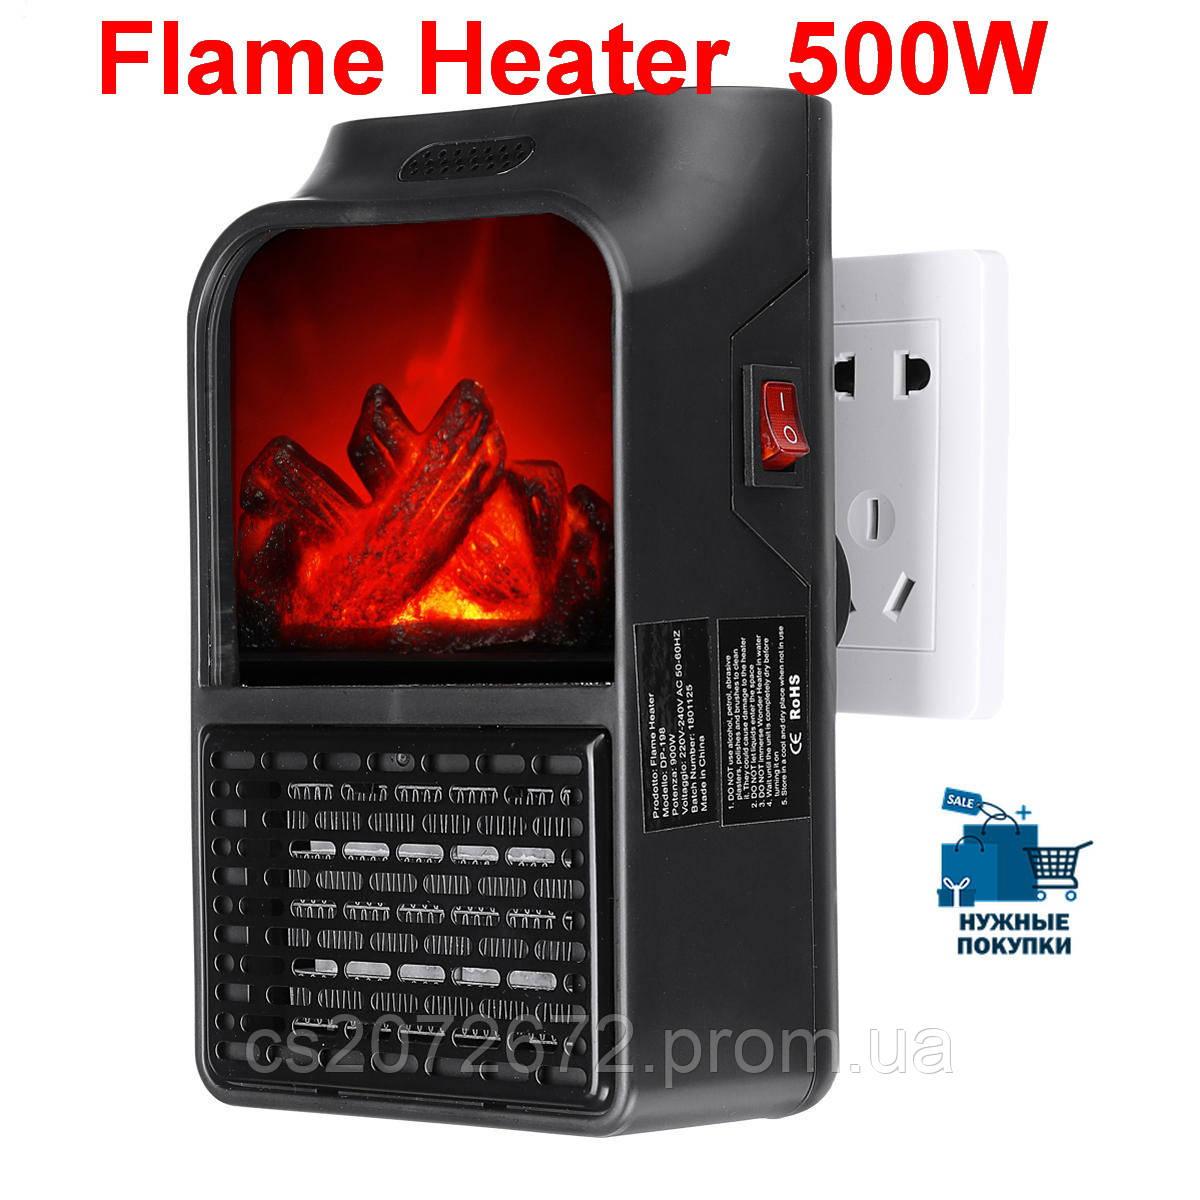 Камин обогреватель Flame Heater с ПУЛЬТОМ 500W